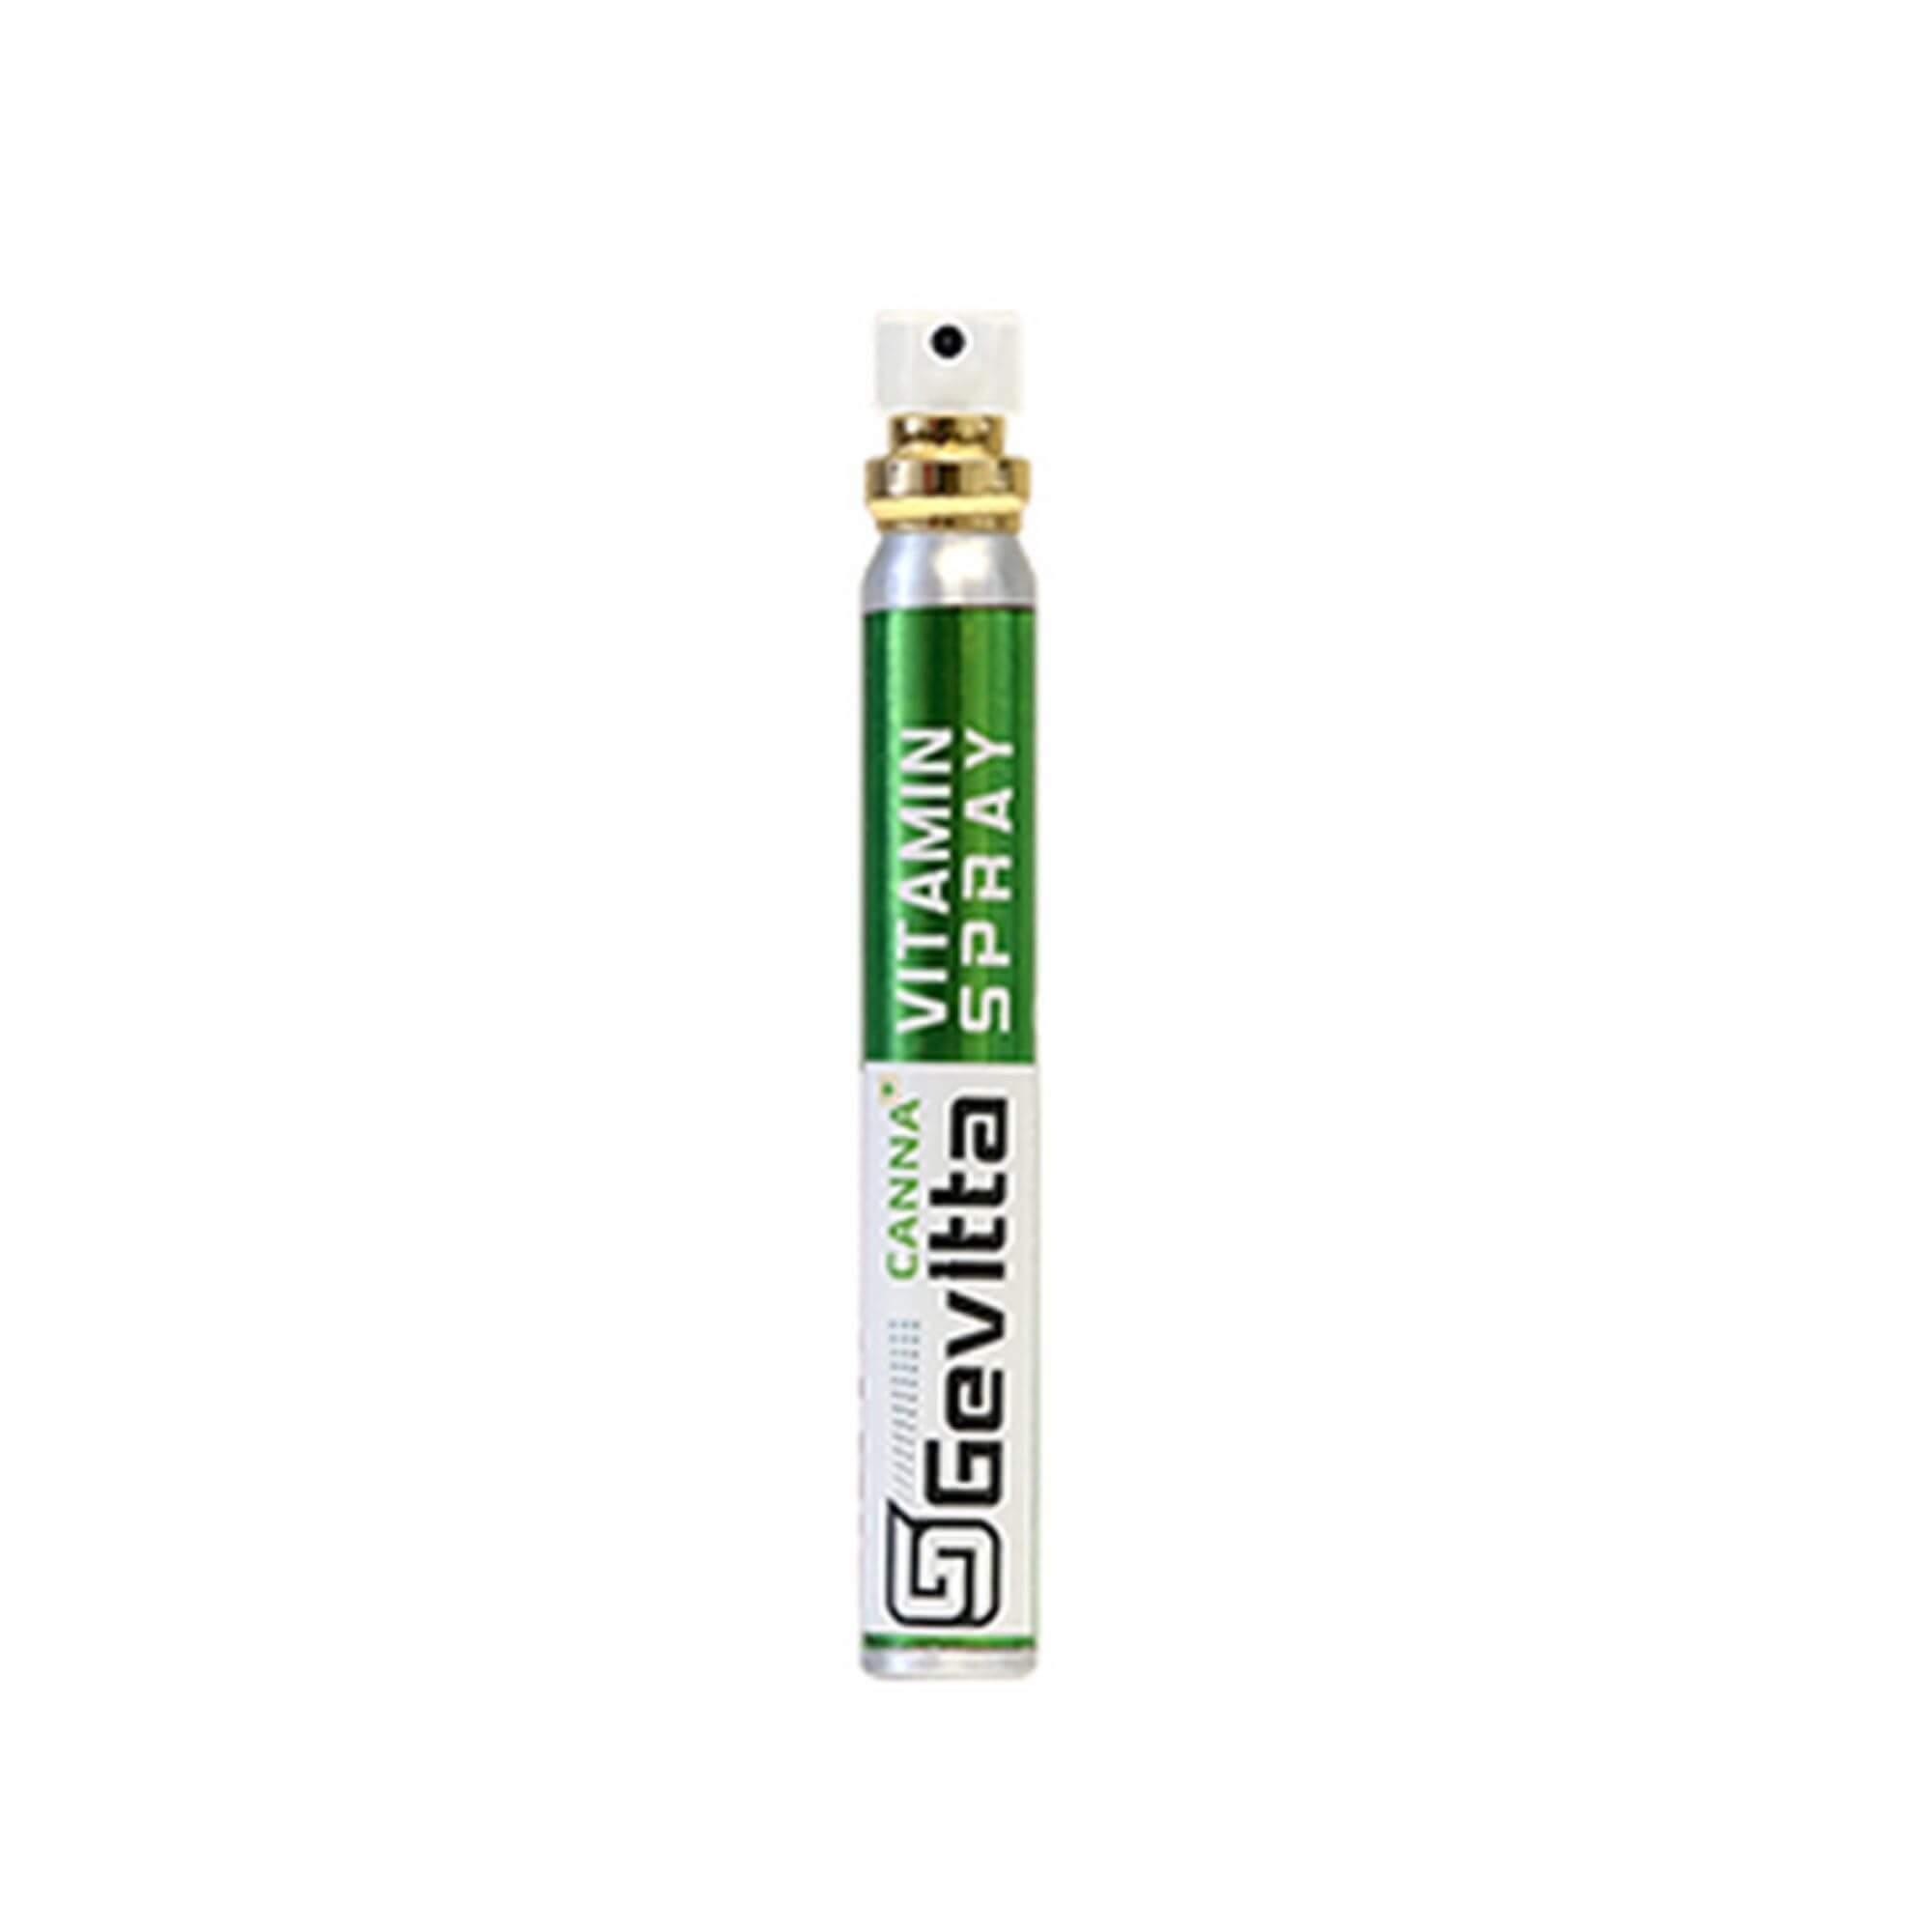 Gevitta CBD Spray